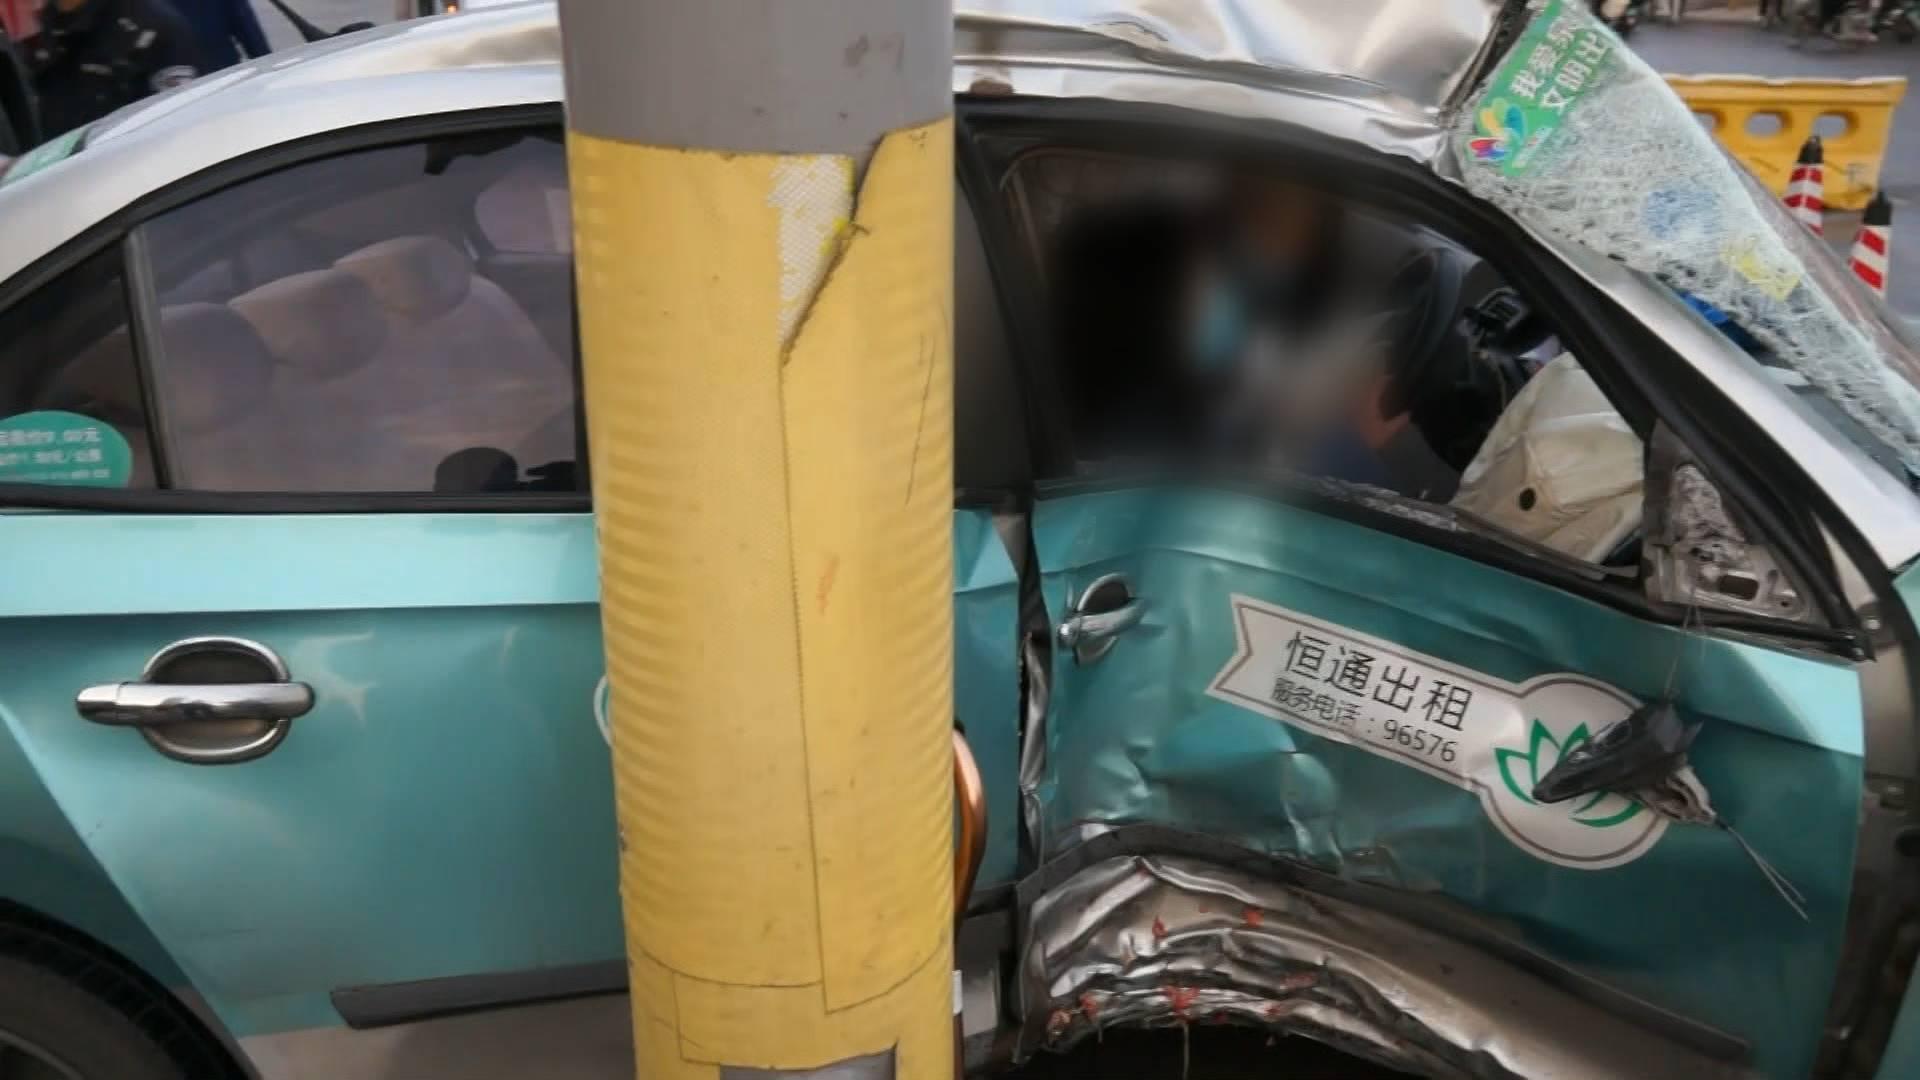 出租车失控撞上信号灯柱乘客腿部被卡,济南消防紧急救援